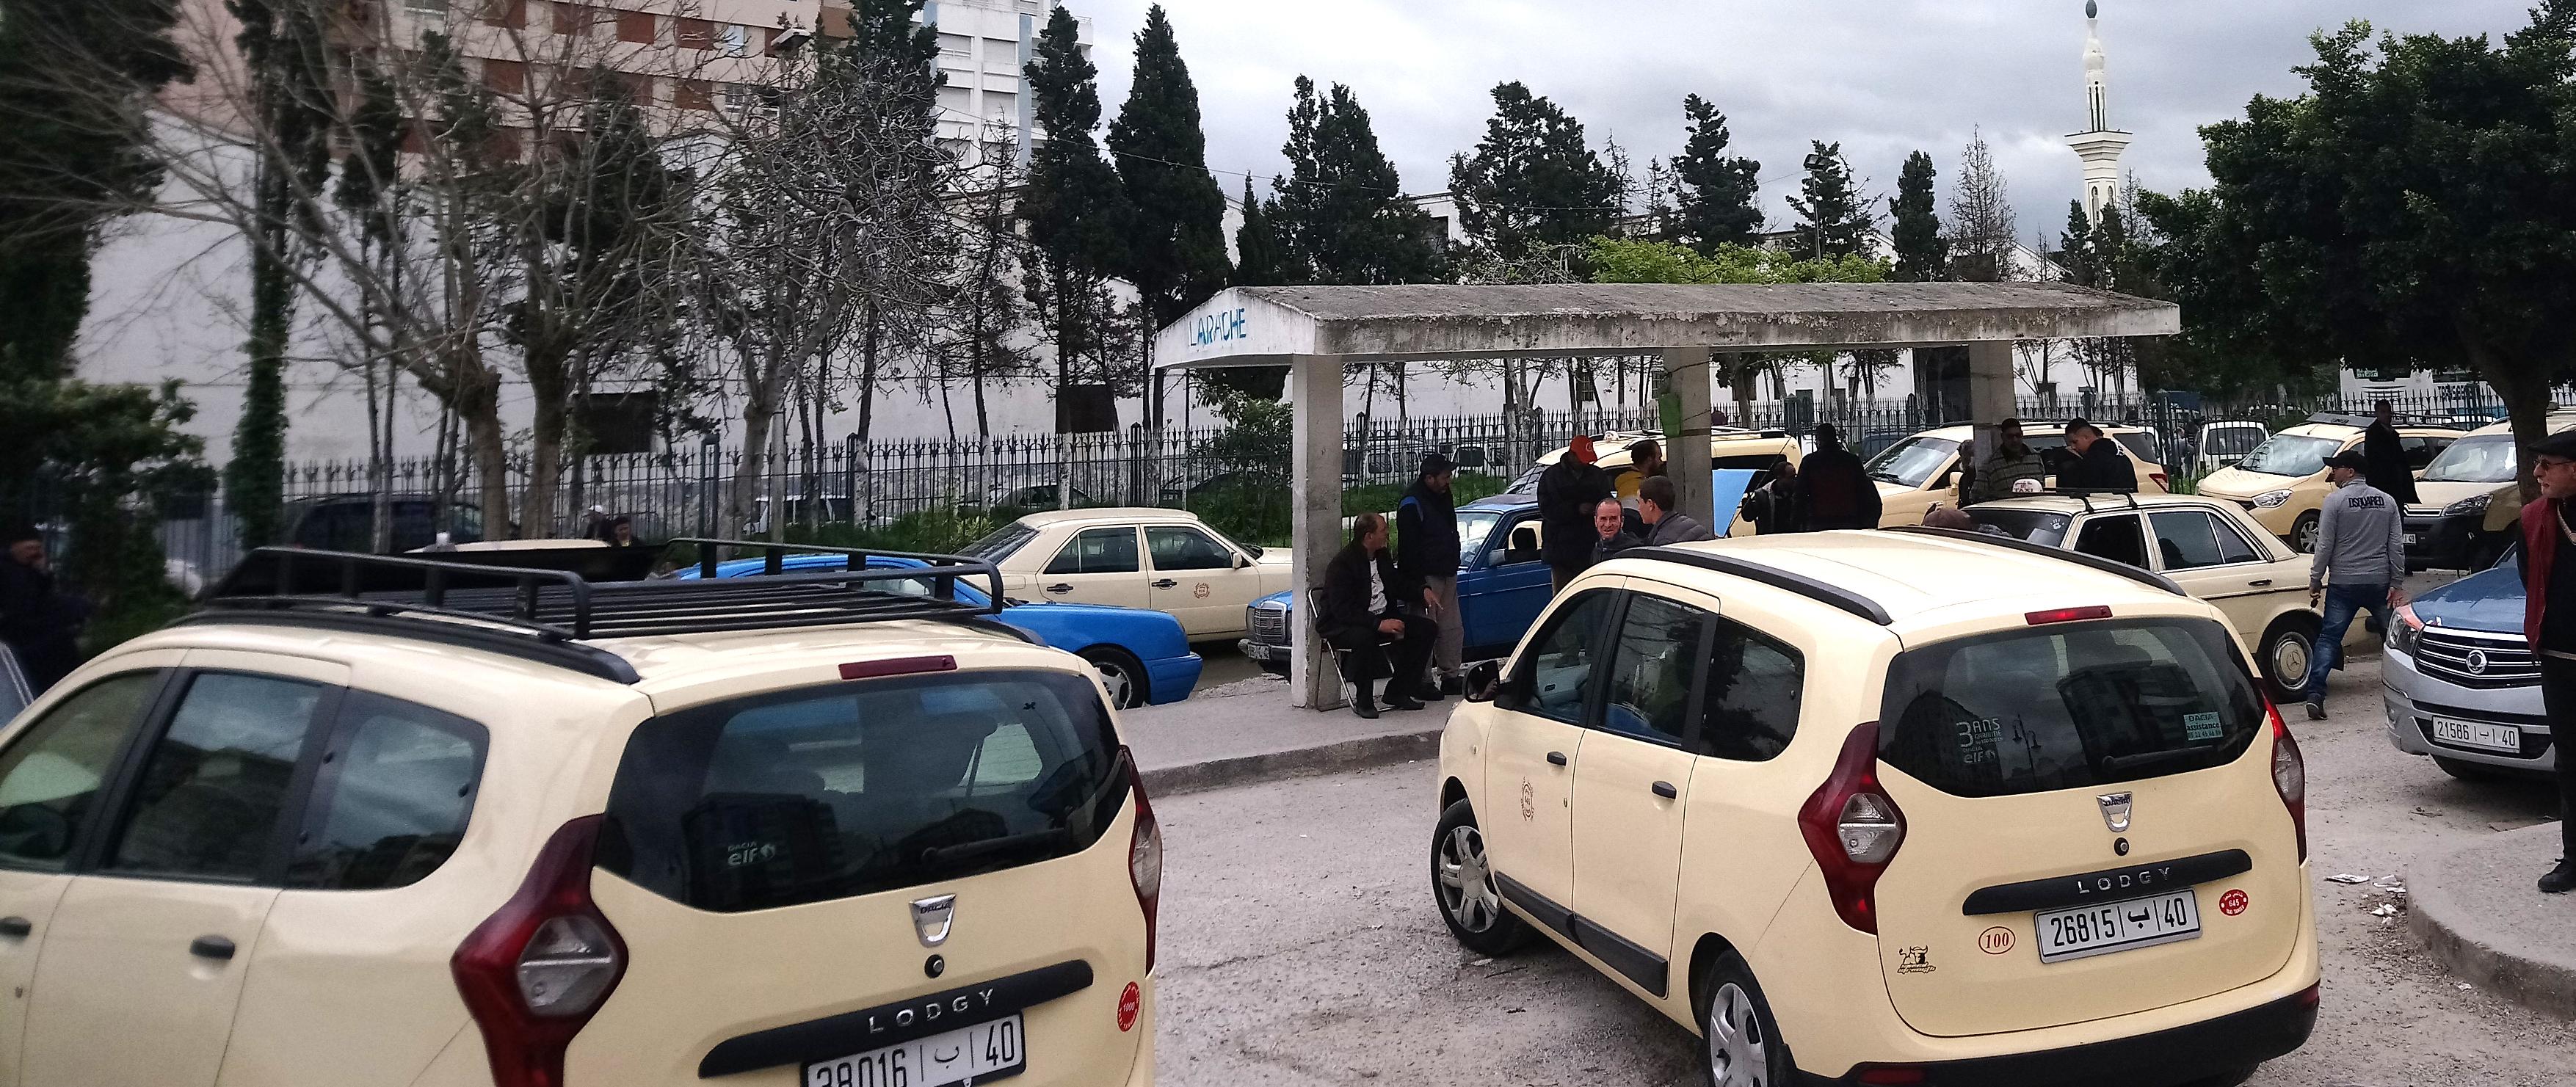 Parada de taxis en Tánger